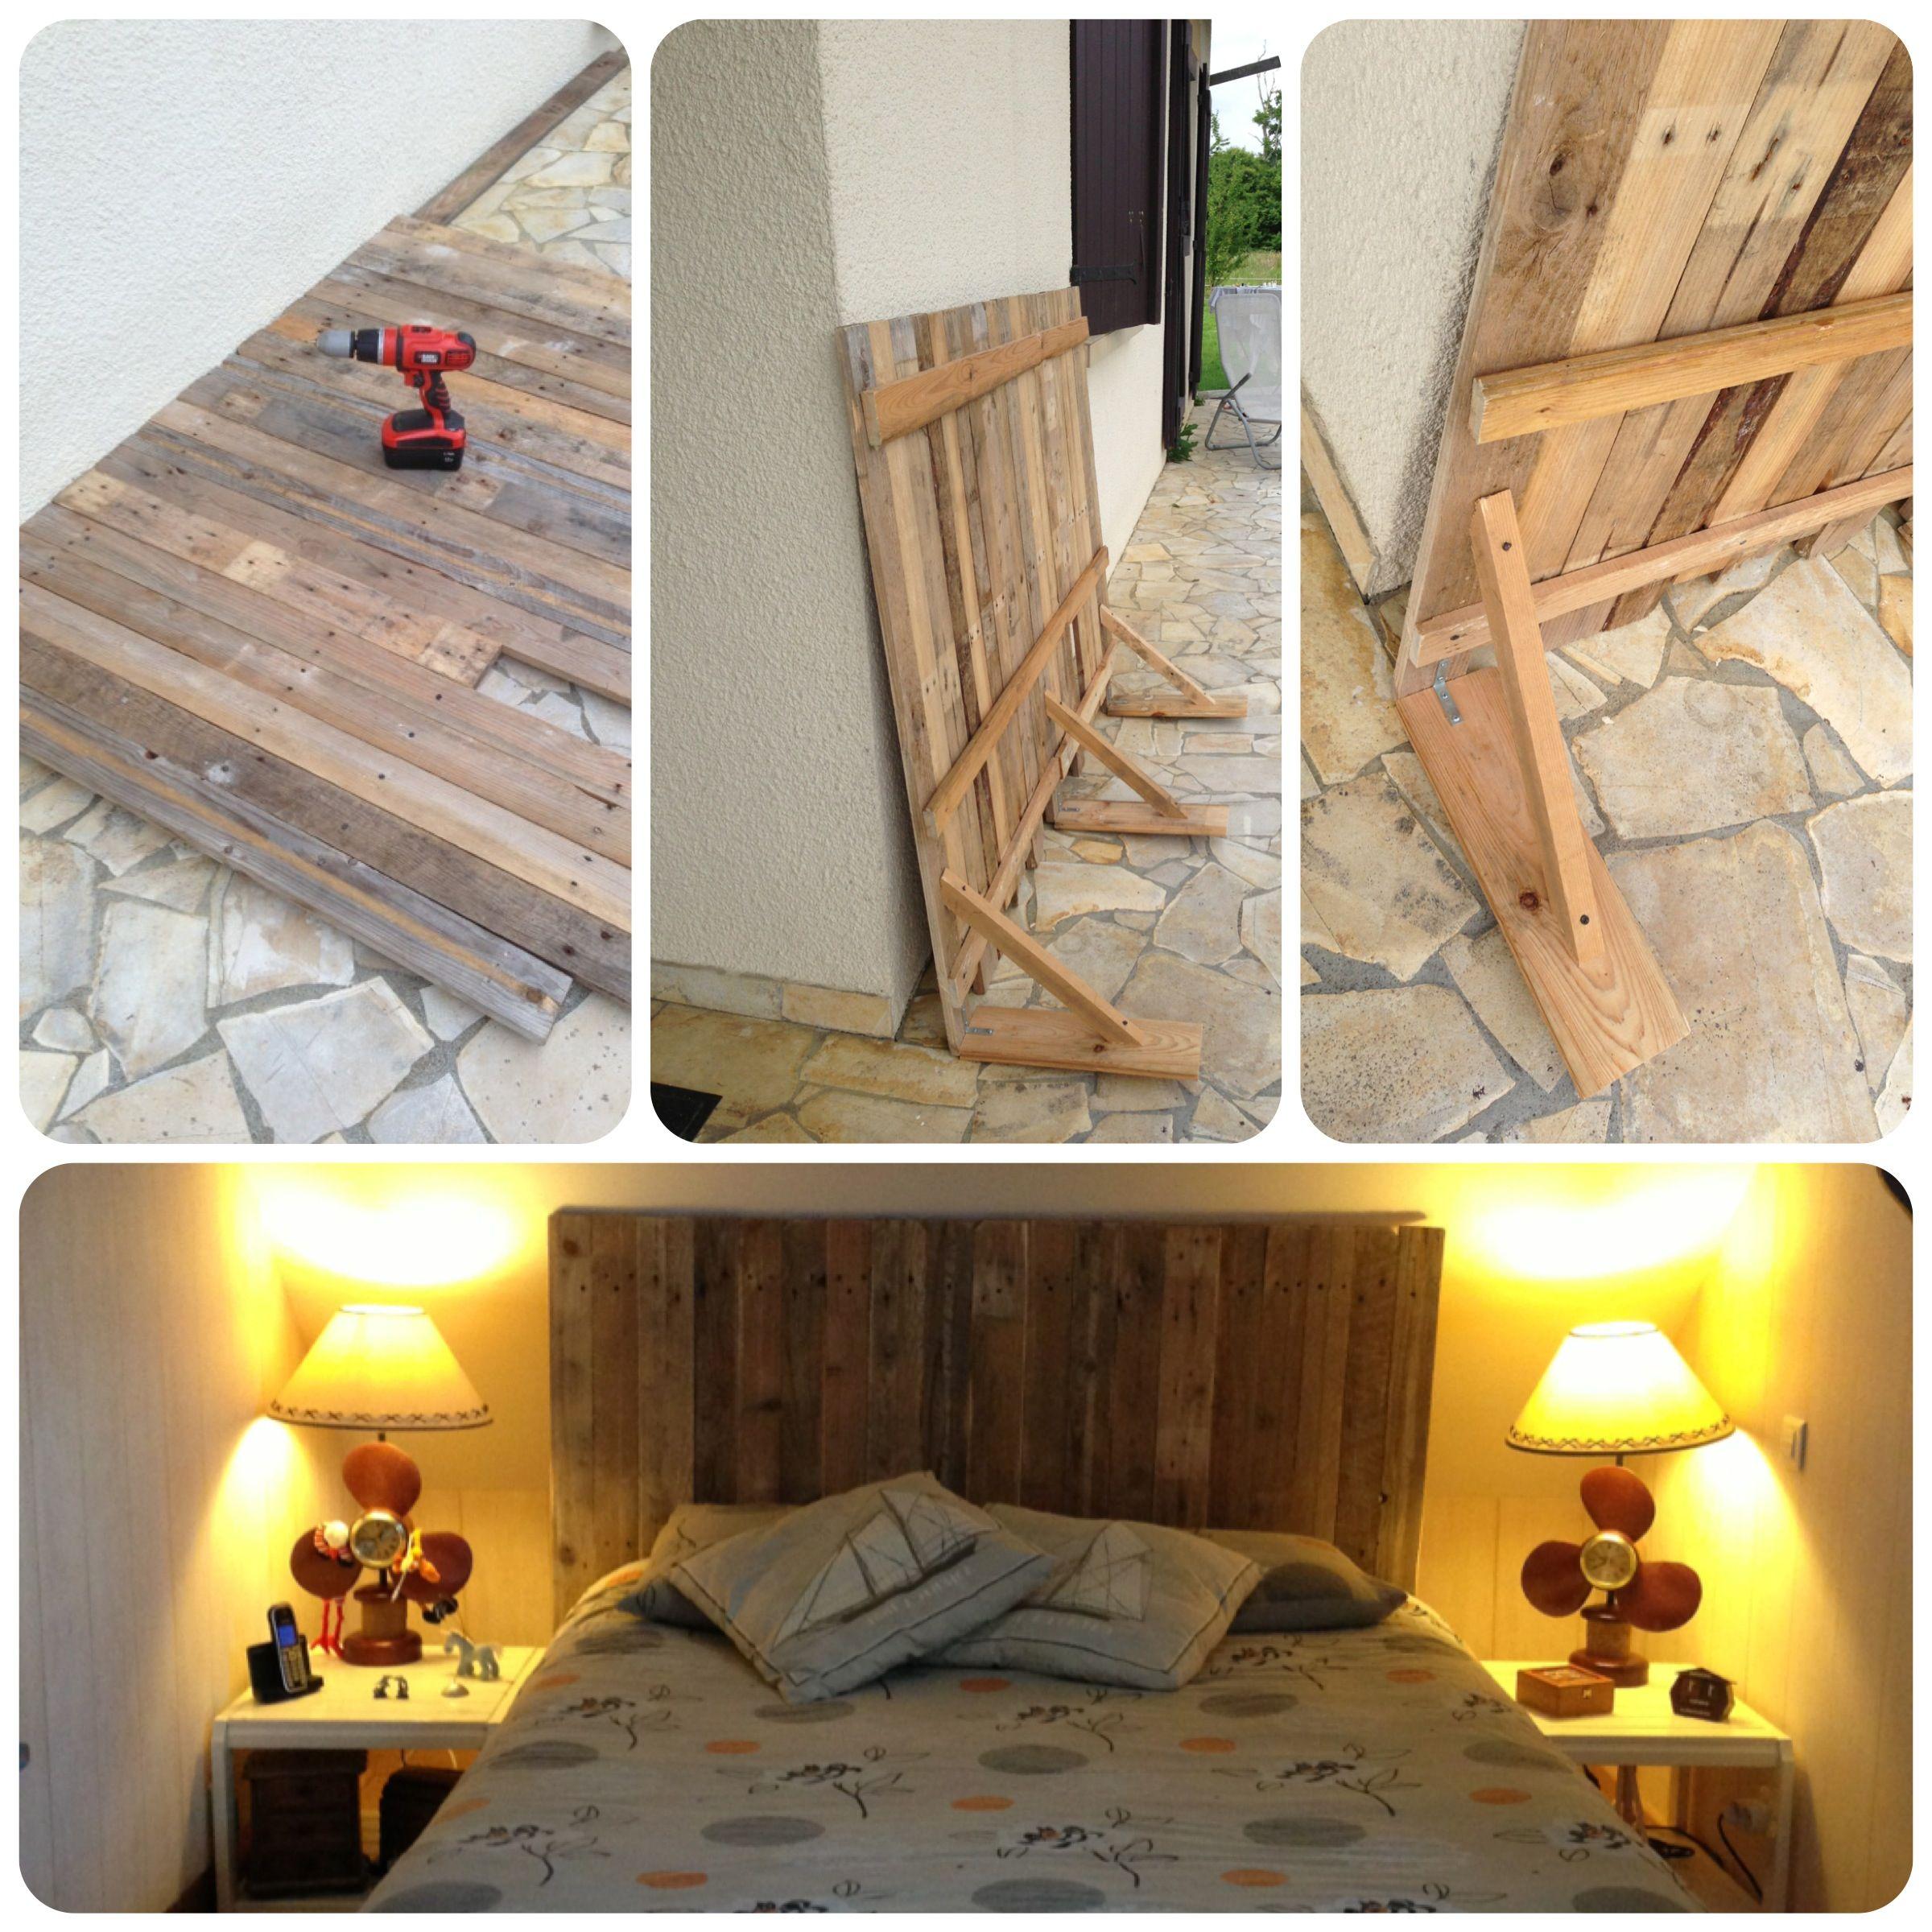 Mi nueva cabecera de cama con madera de paletas - Cabeceras de cama de madera ...